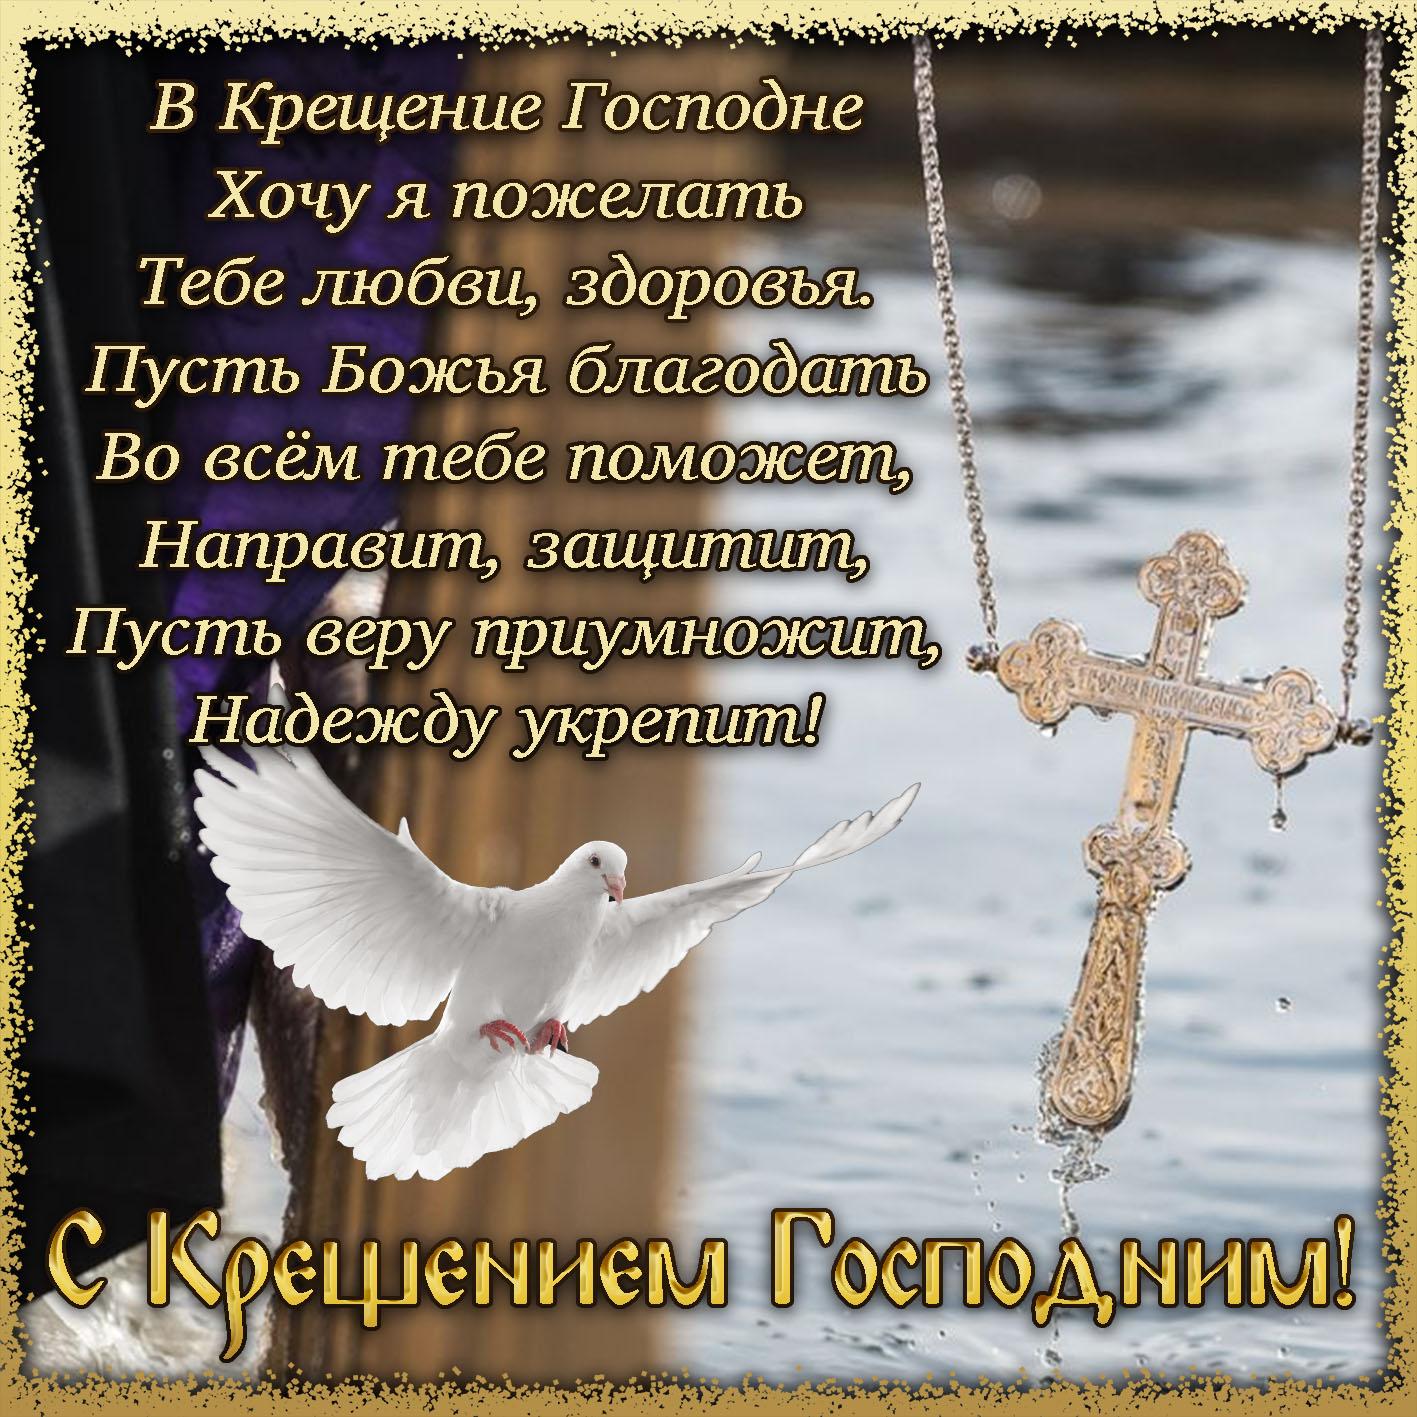 Открытка - золотой крест над водой во время Крещения